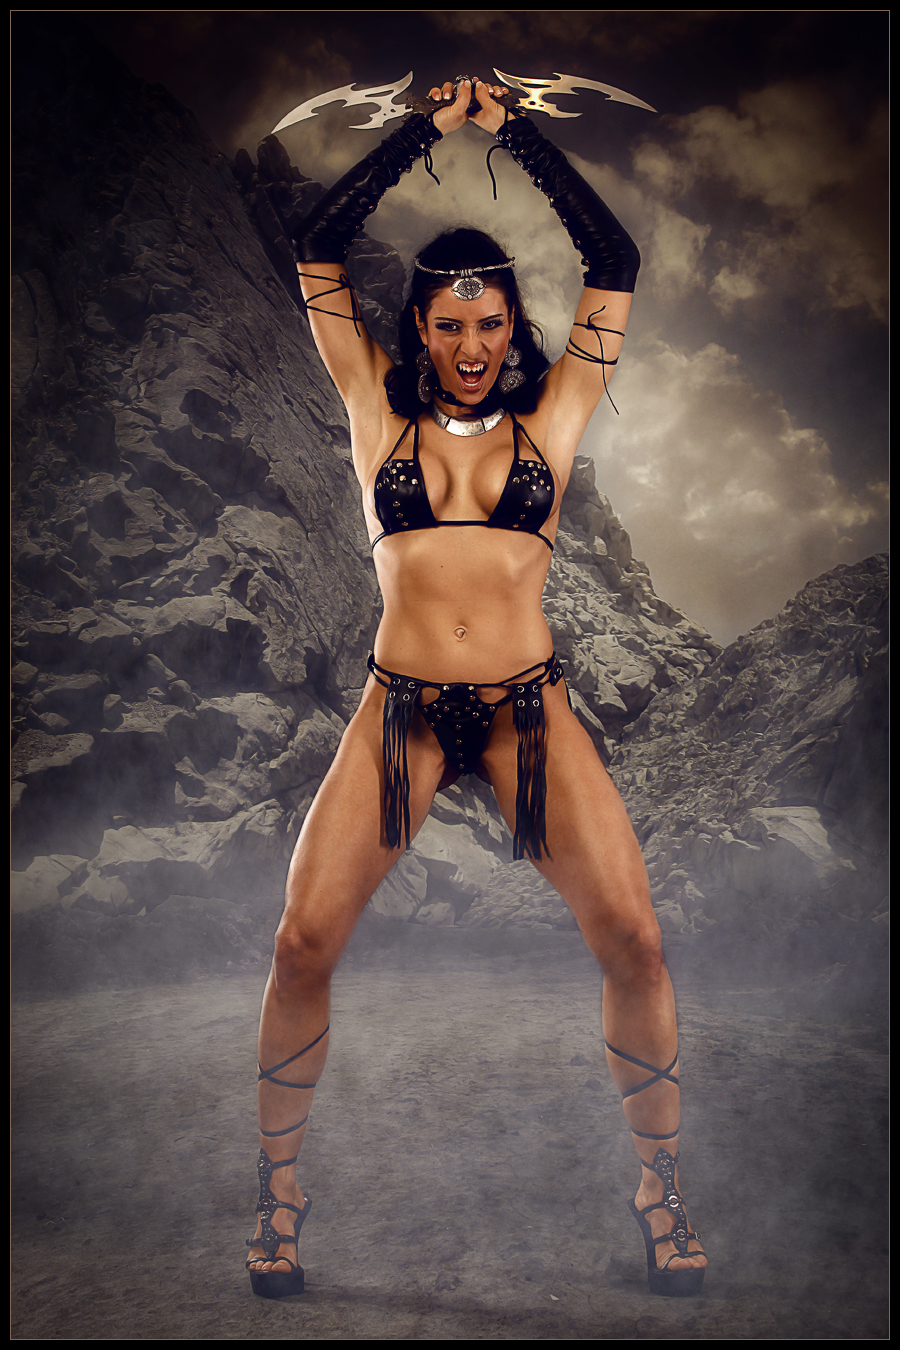 Warrior Woman Porn Pics 112